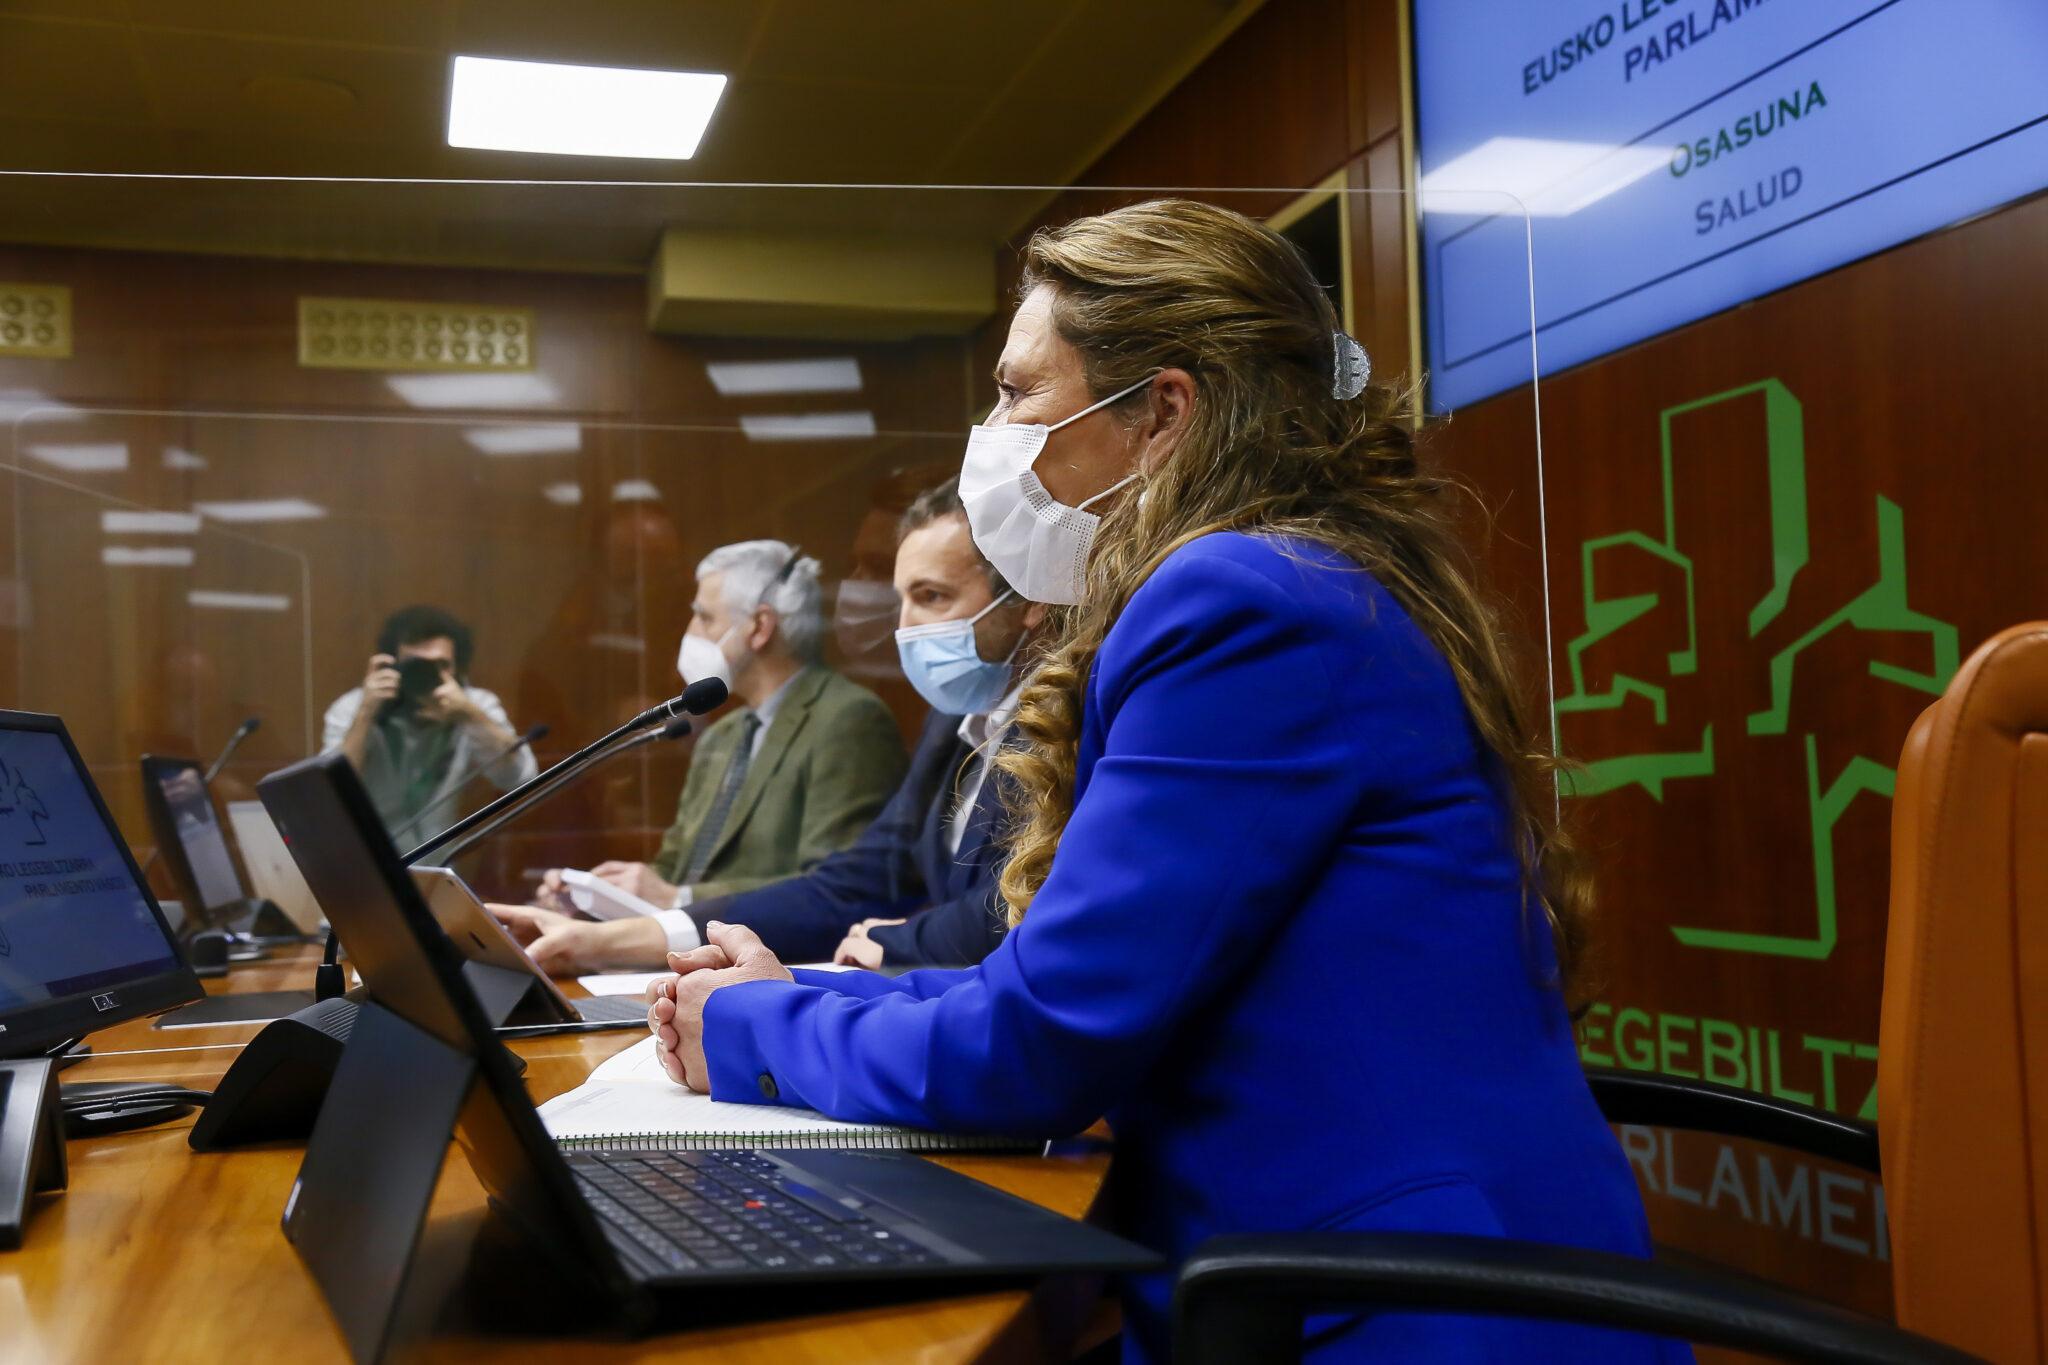 La consejera de Salud en una imagen de archivo. Foto: Gobierno vasco